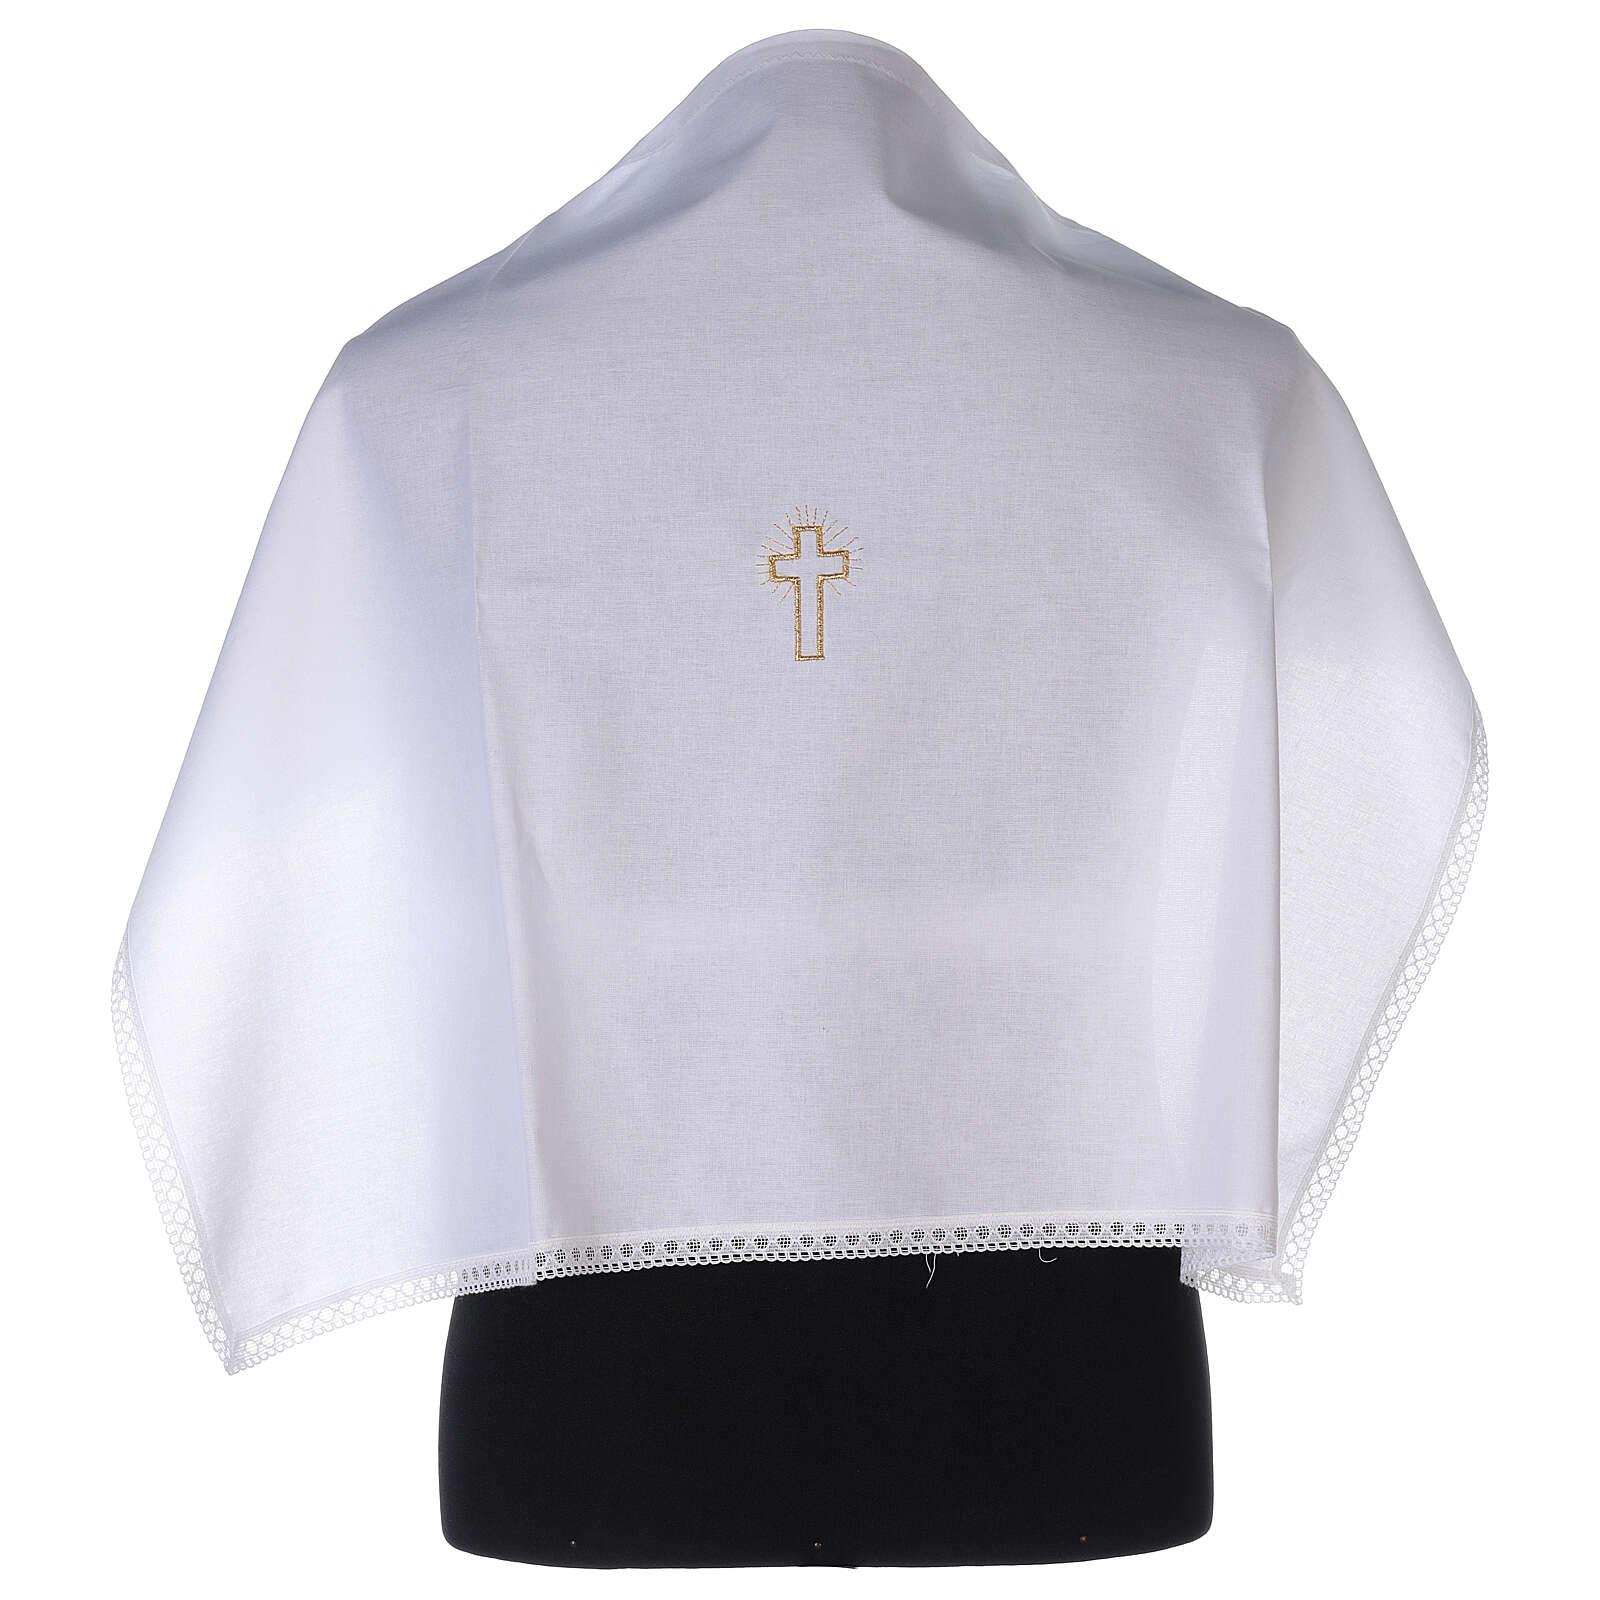 Amito de algodón con cruz dorada bordada 4